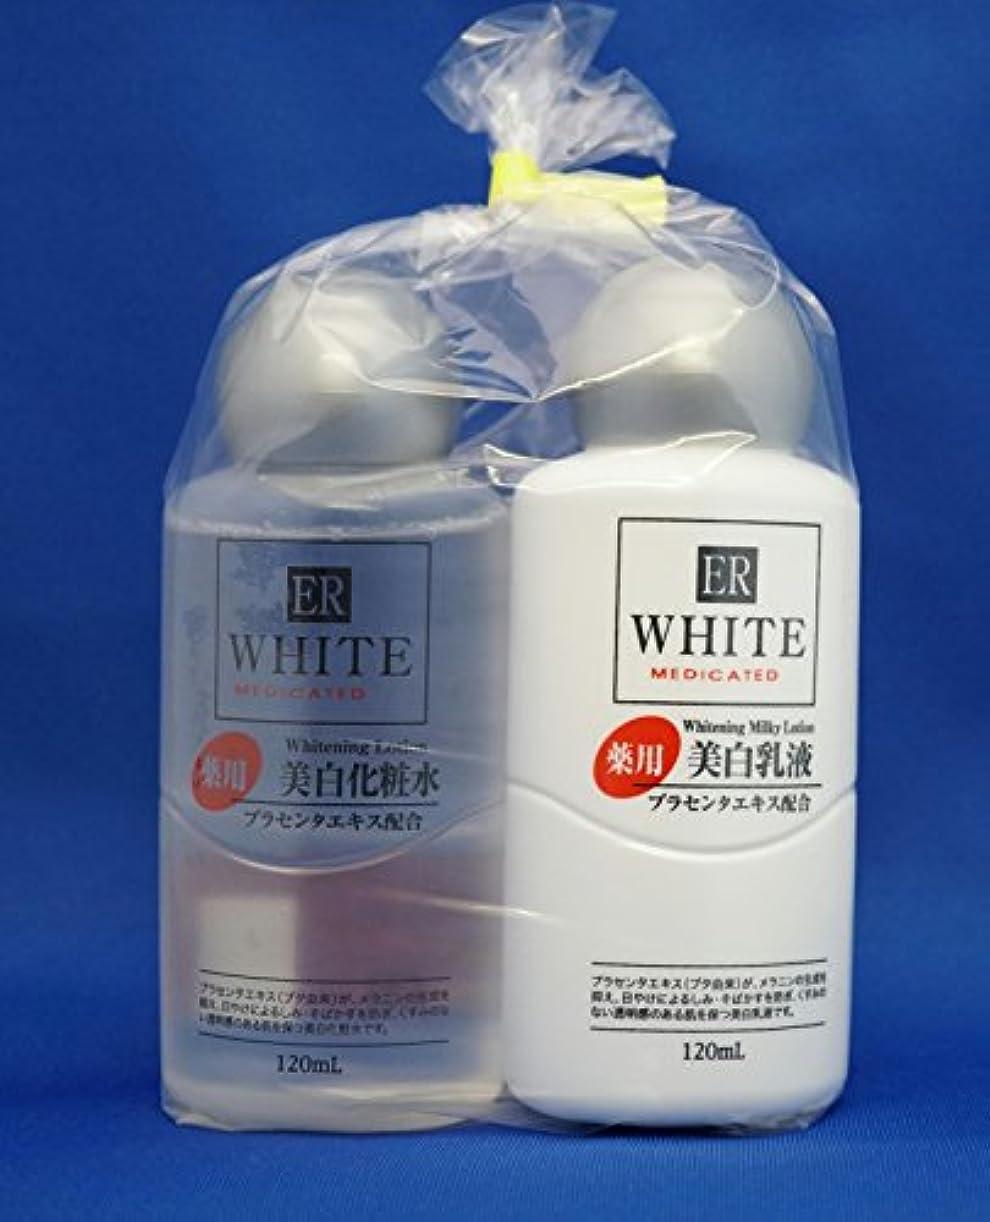 郵便局言い直す知り合いになる2個セット ダイソー ER コスモ ホワイトニング ミルクV(薬用美白乳液) と ER ホワイトニングローションV(薬用美白化粧水)